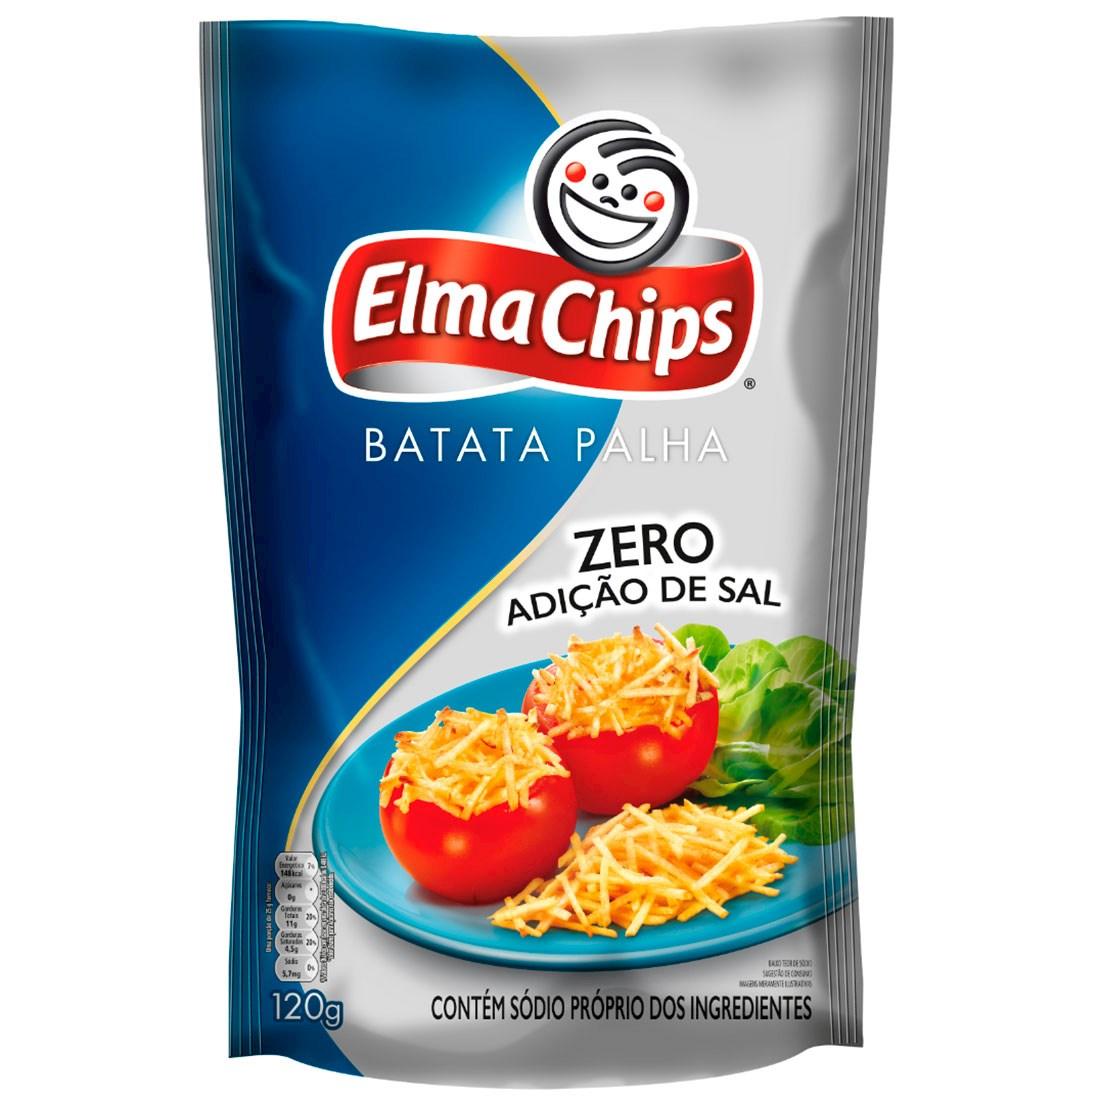 Batata palha zero adição de sal Elma Chips 120g.